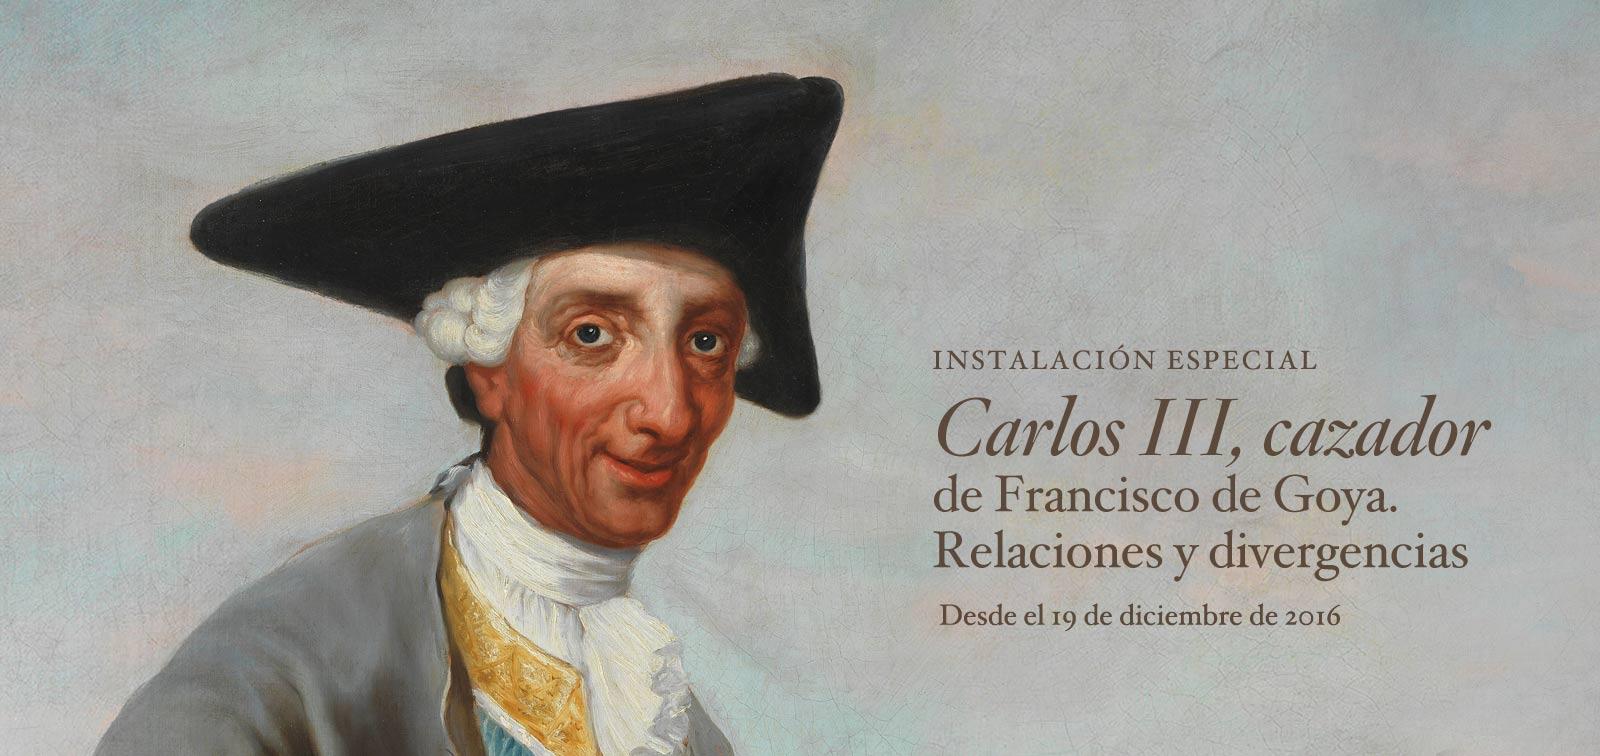 Carlos III, cazador de Francisco de Goya. Relaciones y divergencias